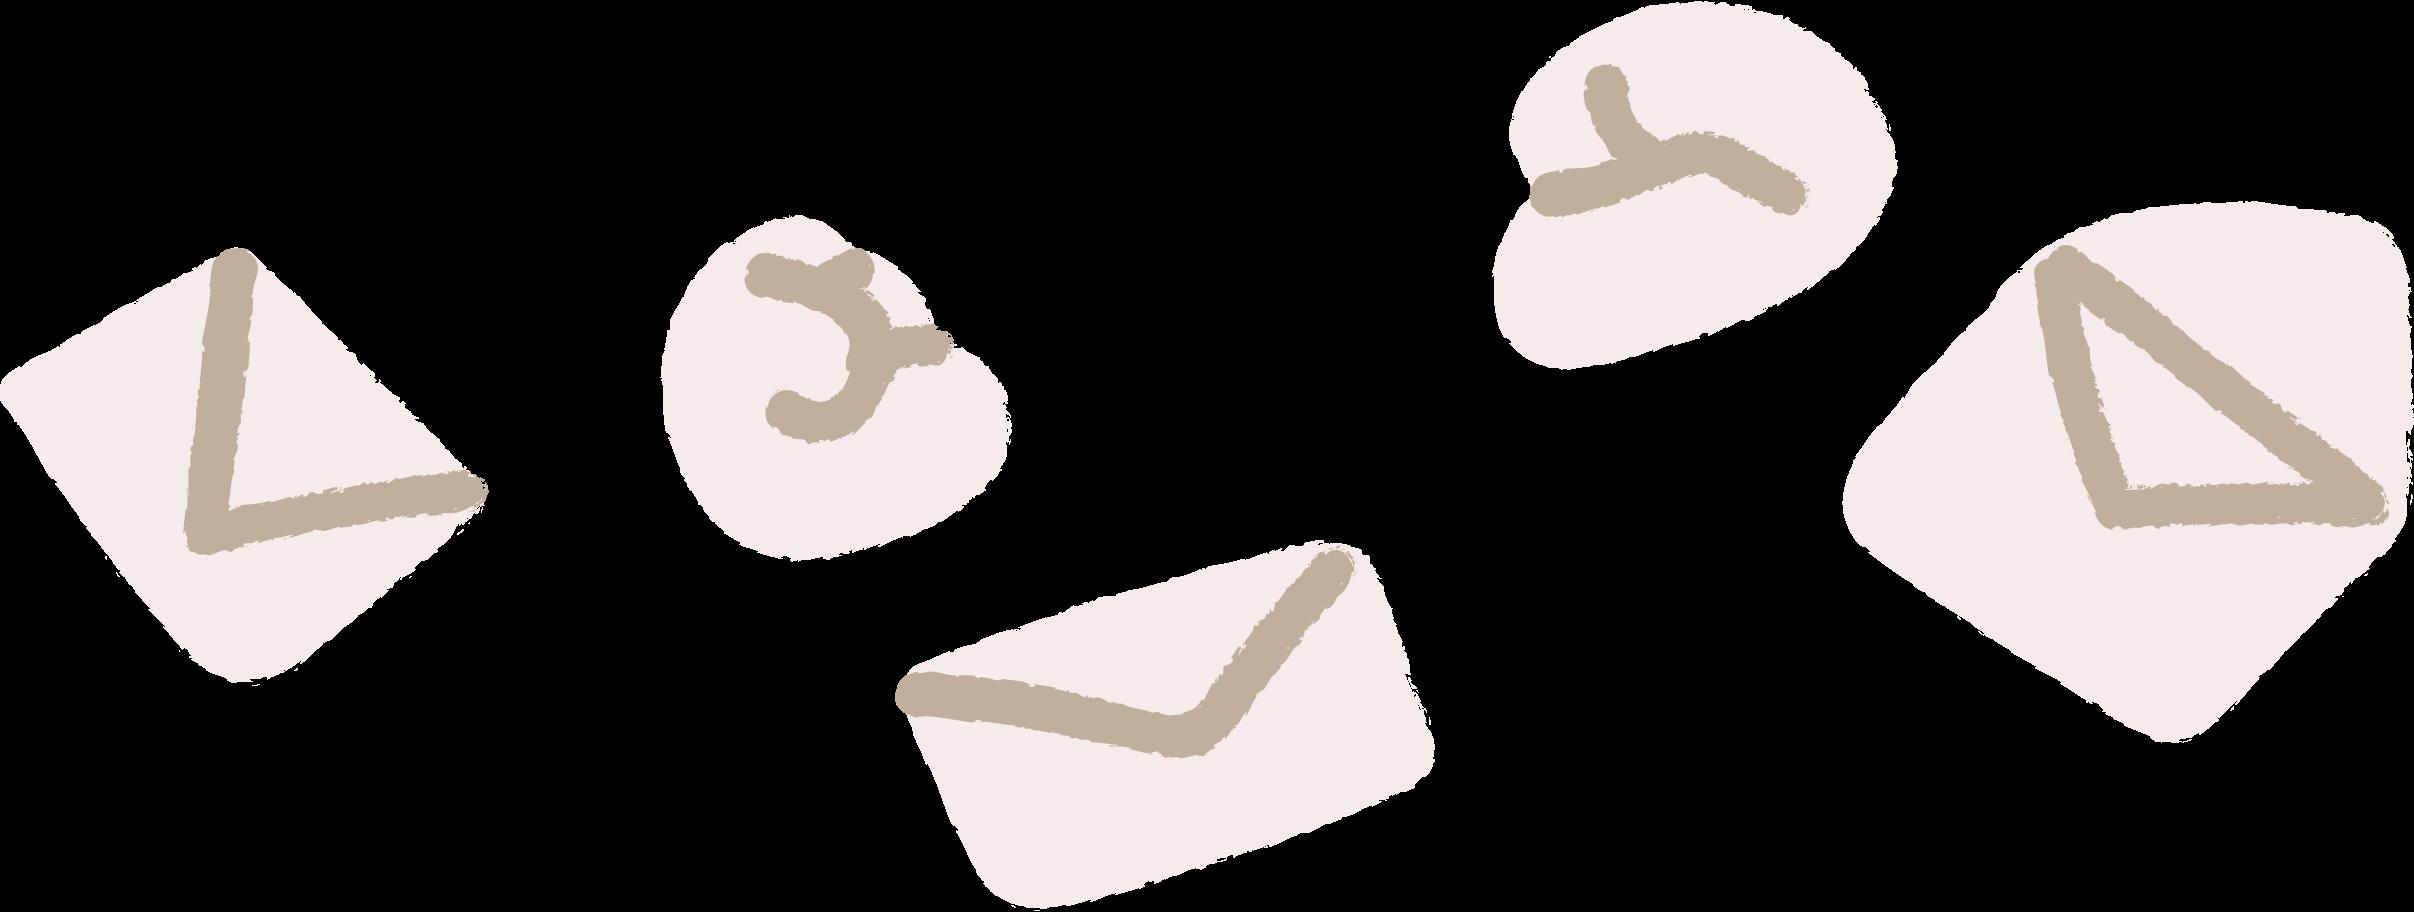 mails Clipart illustration in PNG, SVG